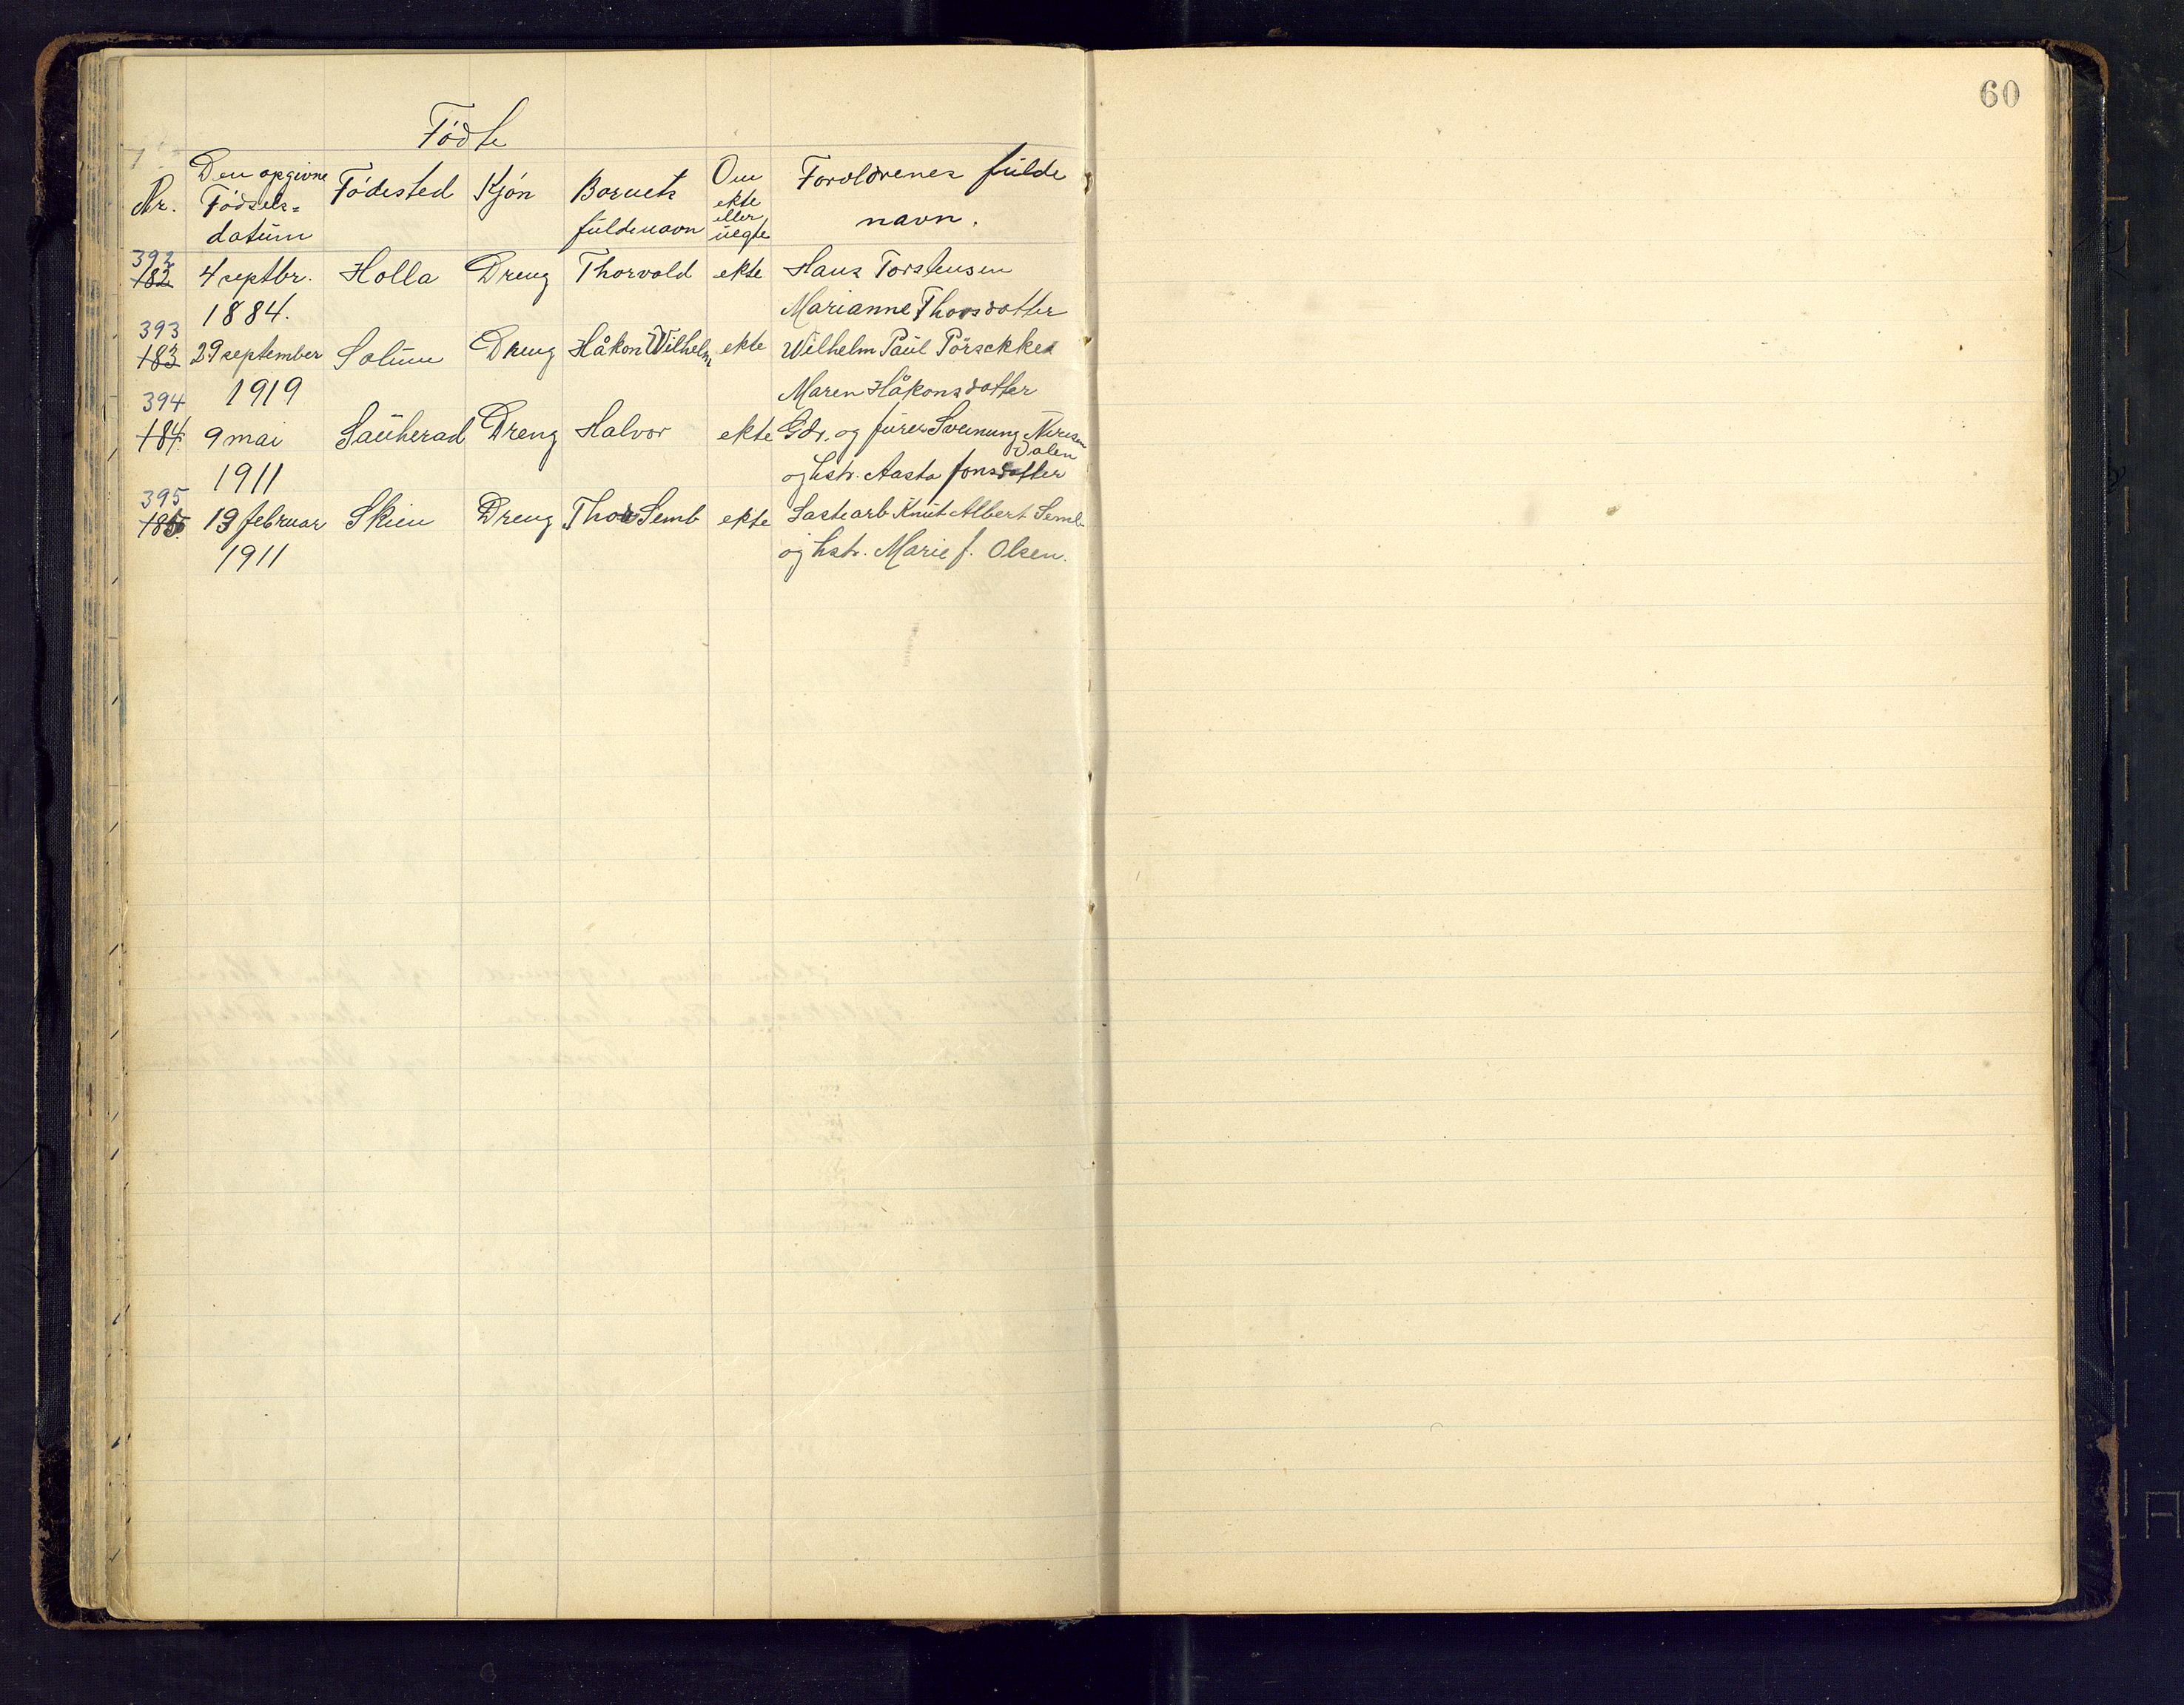 SAKO, Den evangelisk lutherske frimenighet i Jarlsbergs grevskap med flere steder, F/Fb/L0002: Dissenterprotokoll nr. Fa/L0002, 1906-1922, s. 60